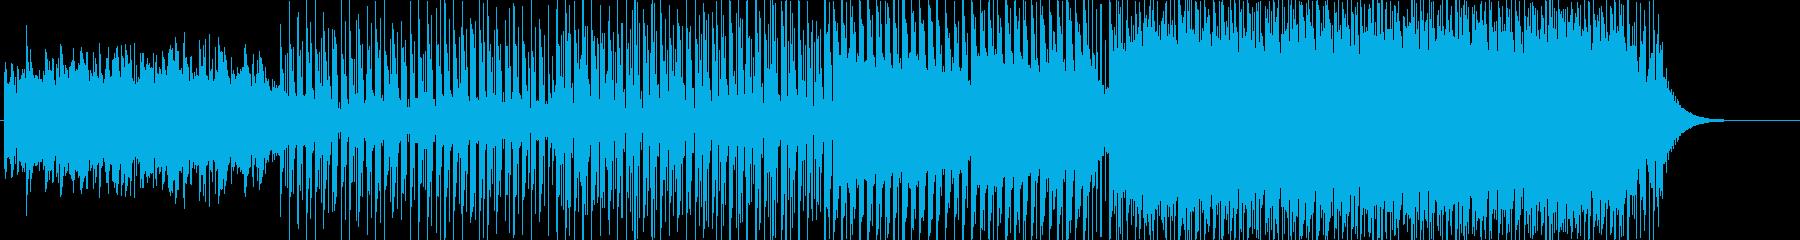 一日の流れに沿った展開のトロピカルハウスの再生済みの波形